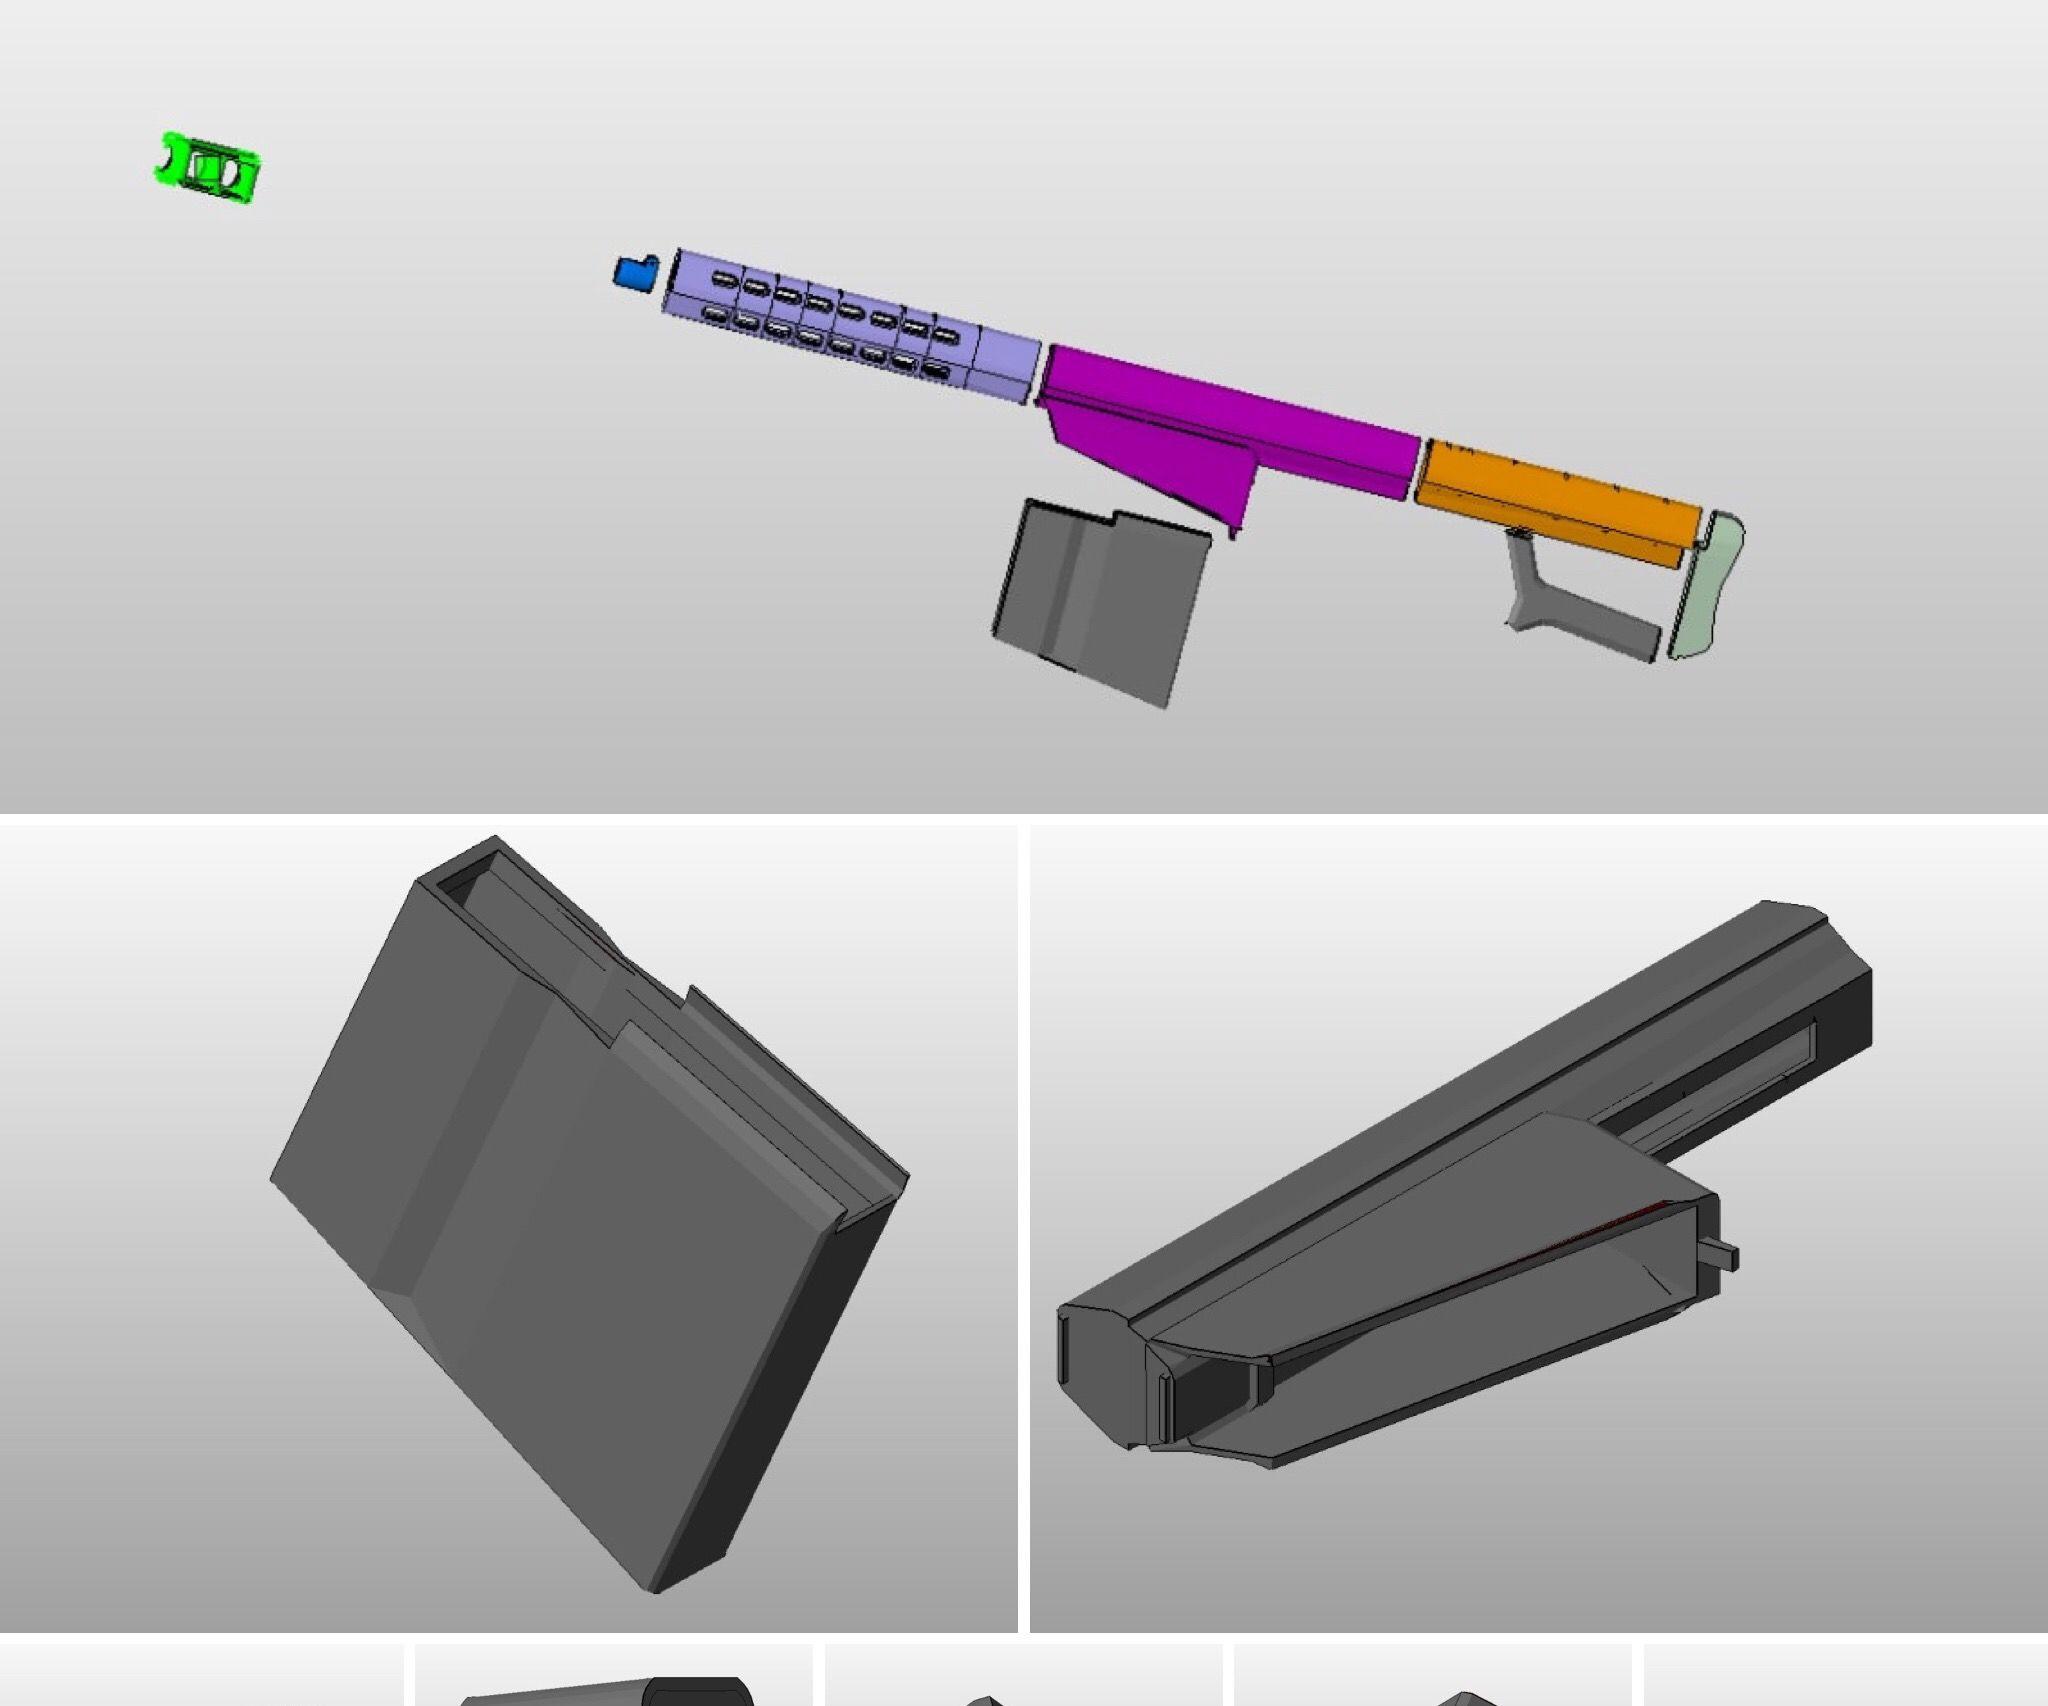 3D PRINTED TIPPMAN A5 BARRET